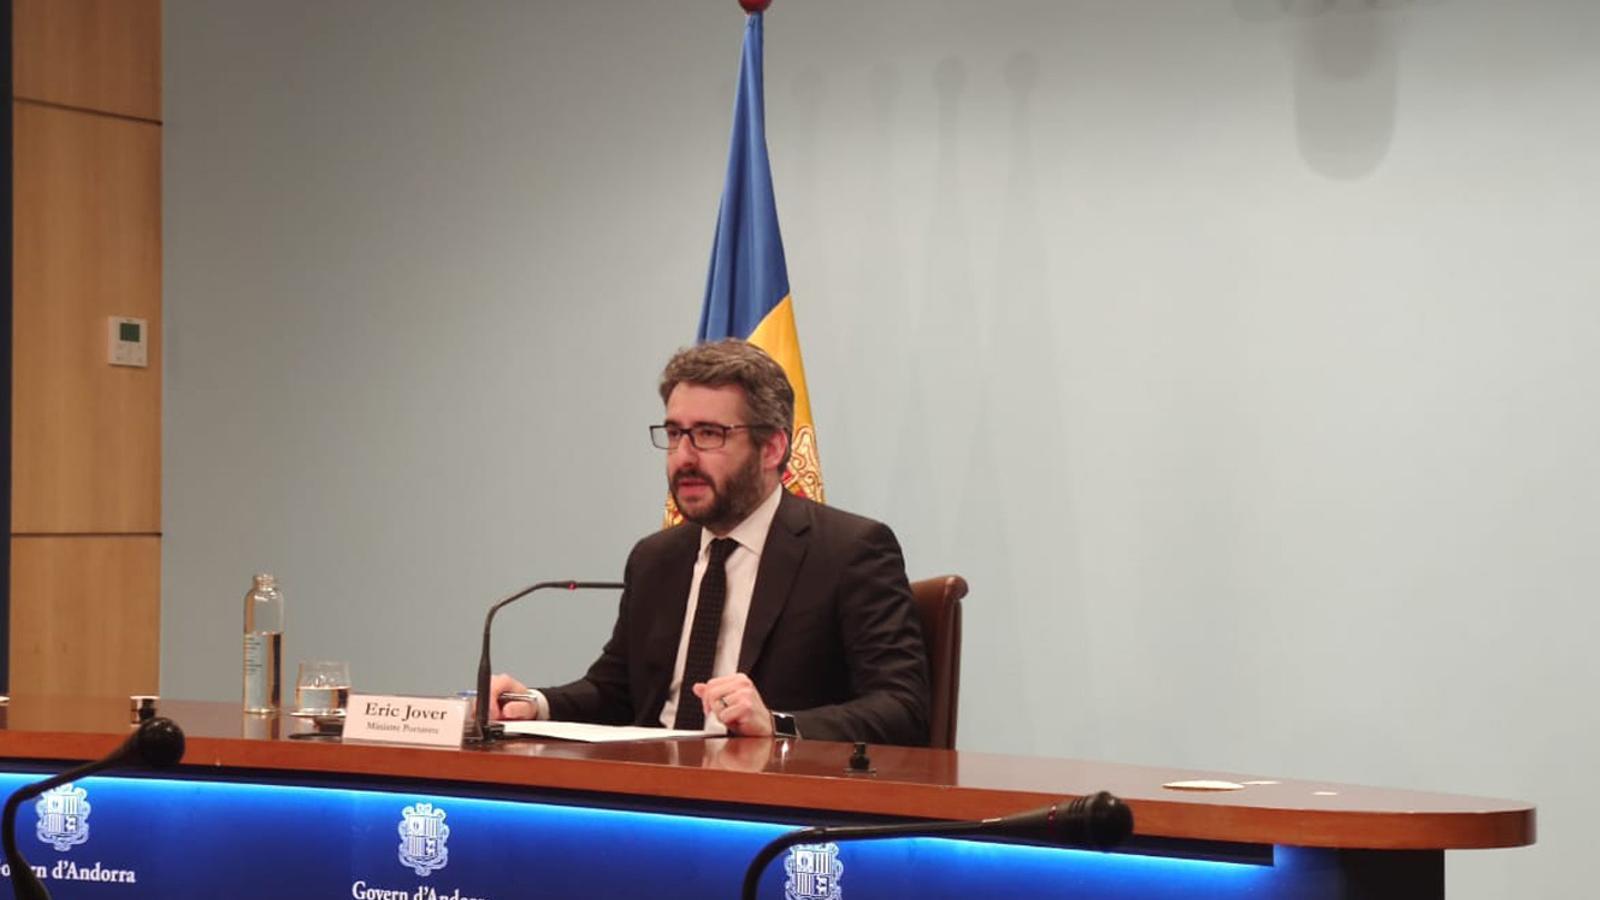 El ministre portaveu, Eric Jover, durant la roda de premsa d'aquest dilluns al vespre. / SFG